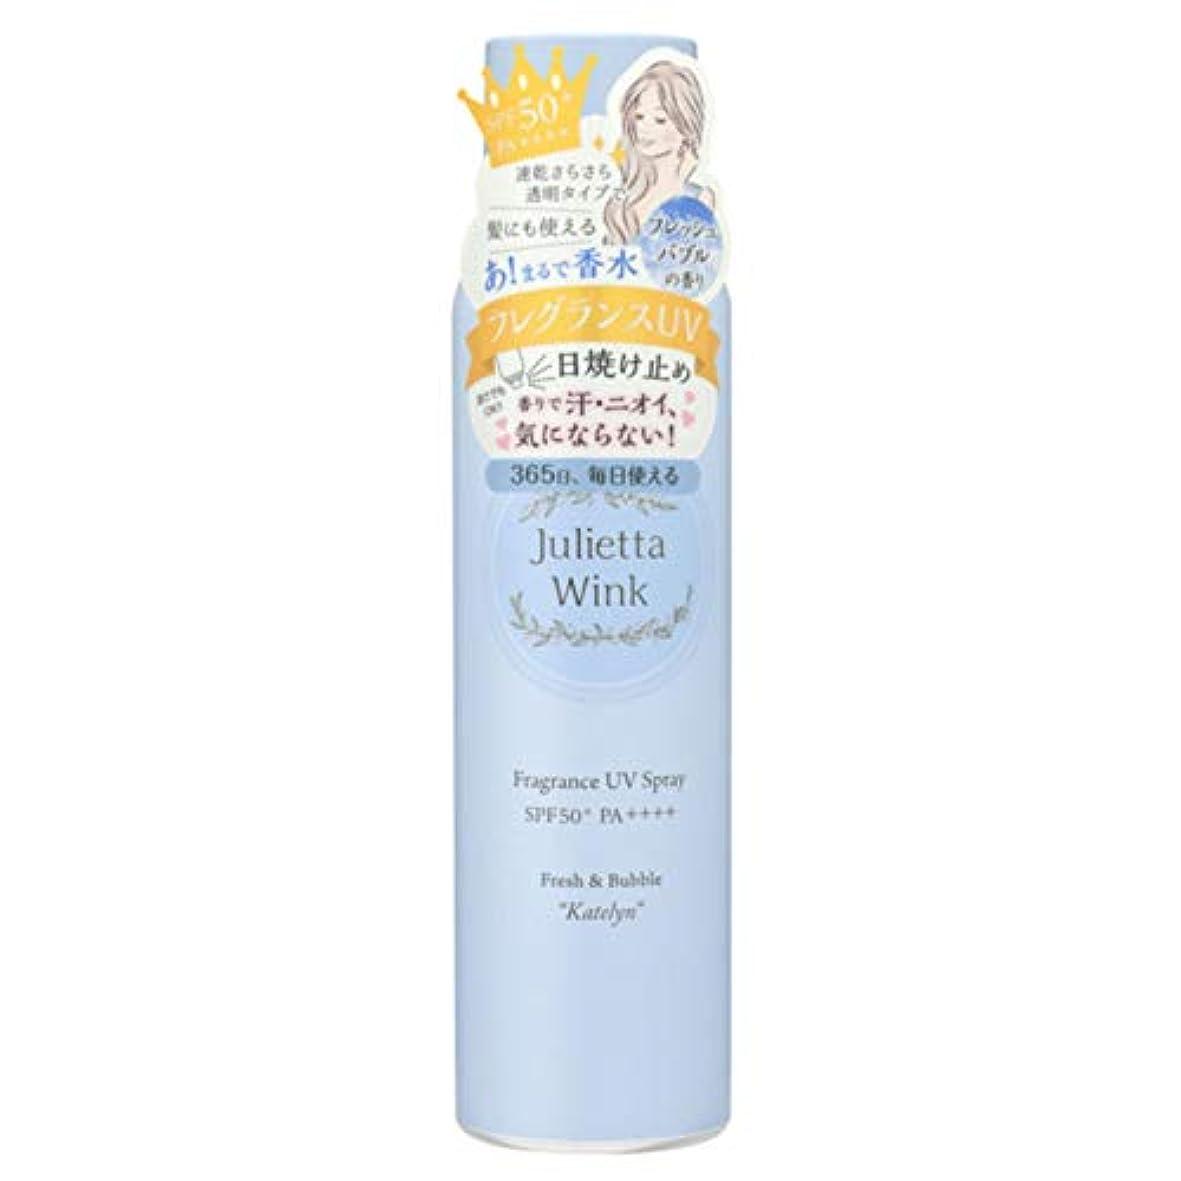 ホイップモットーハイブリッドジュリエッタウィンク フレグランス UVスプレー[ケイトリン]100g フレッシュバブルの香り(ブルー)